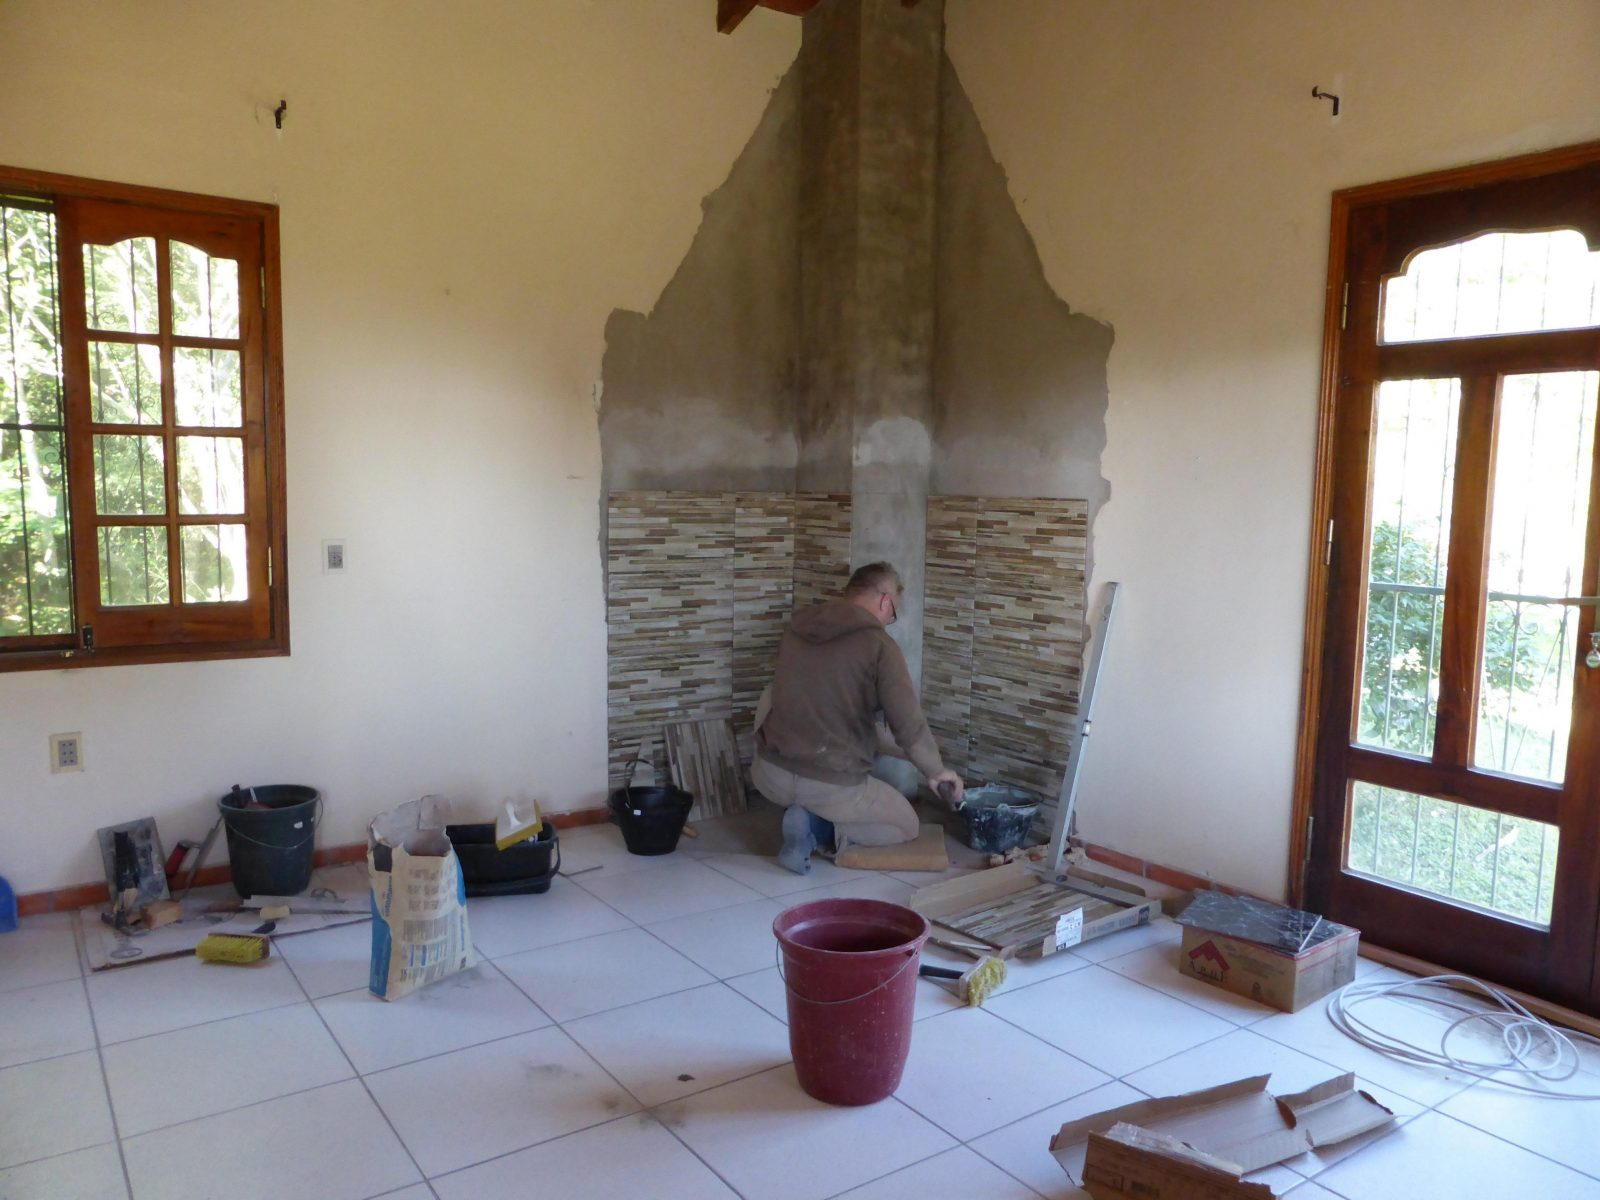 Stein Wandverkleidung Kunststein In Einem Haus Wie Wohnzimmer Ideen von Steinoptik Wand Selber Machen Photo